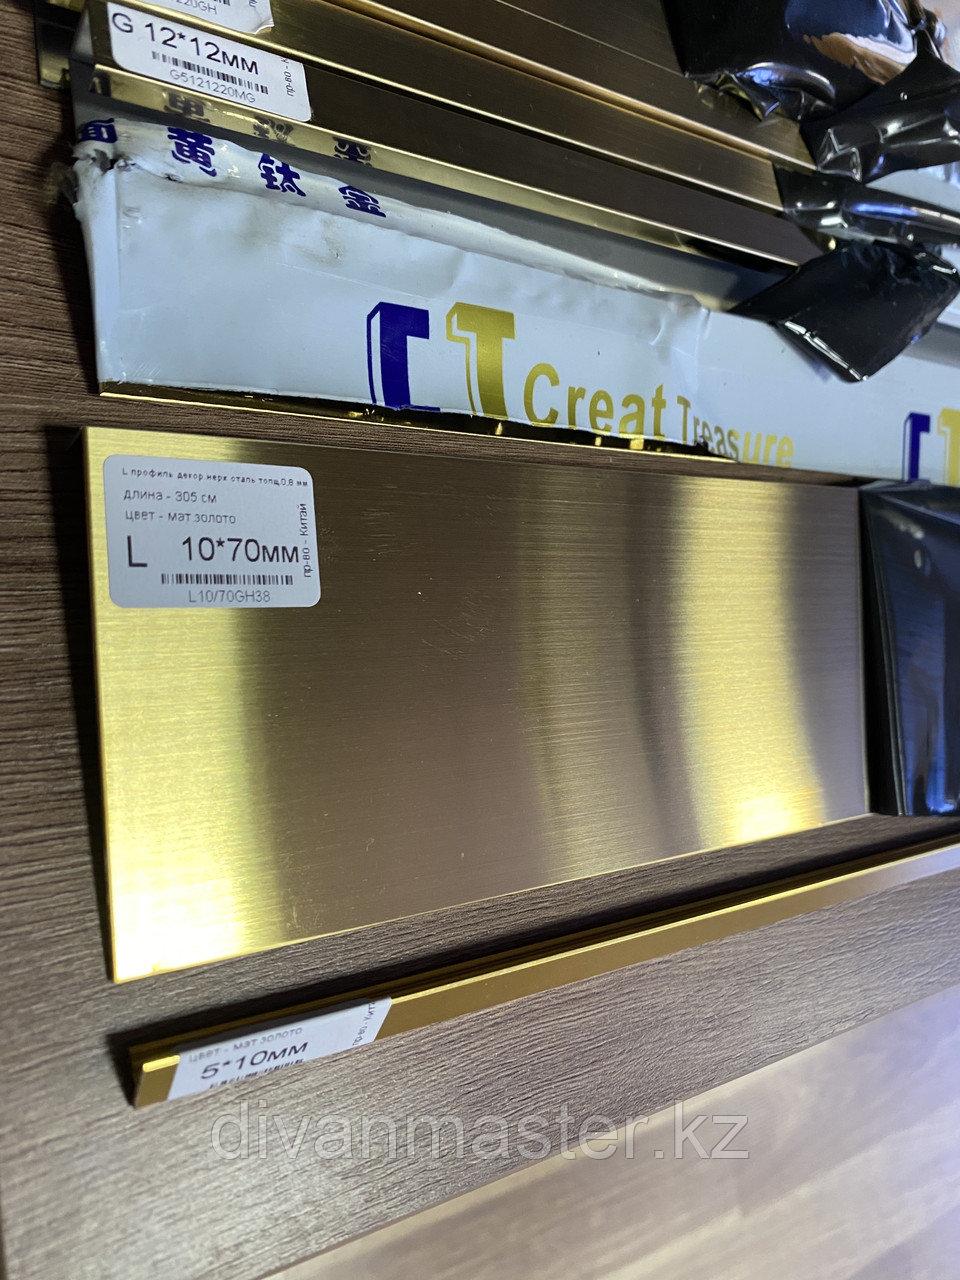 L-Профиль 10*70, матовое золото, для декорирования мебели, 305 см, L-образный